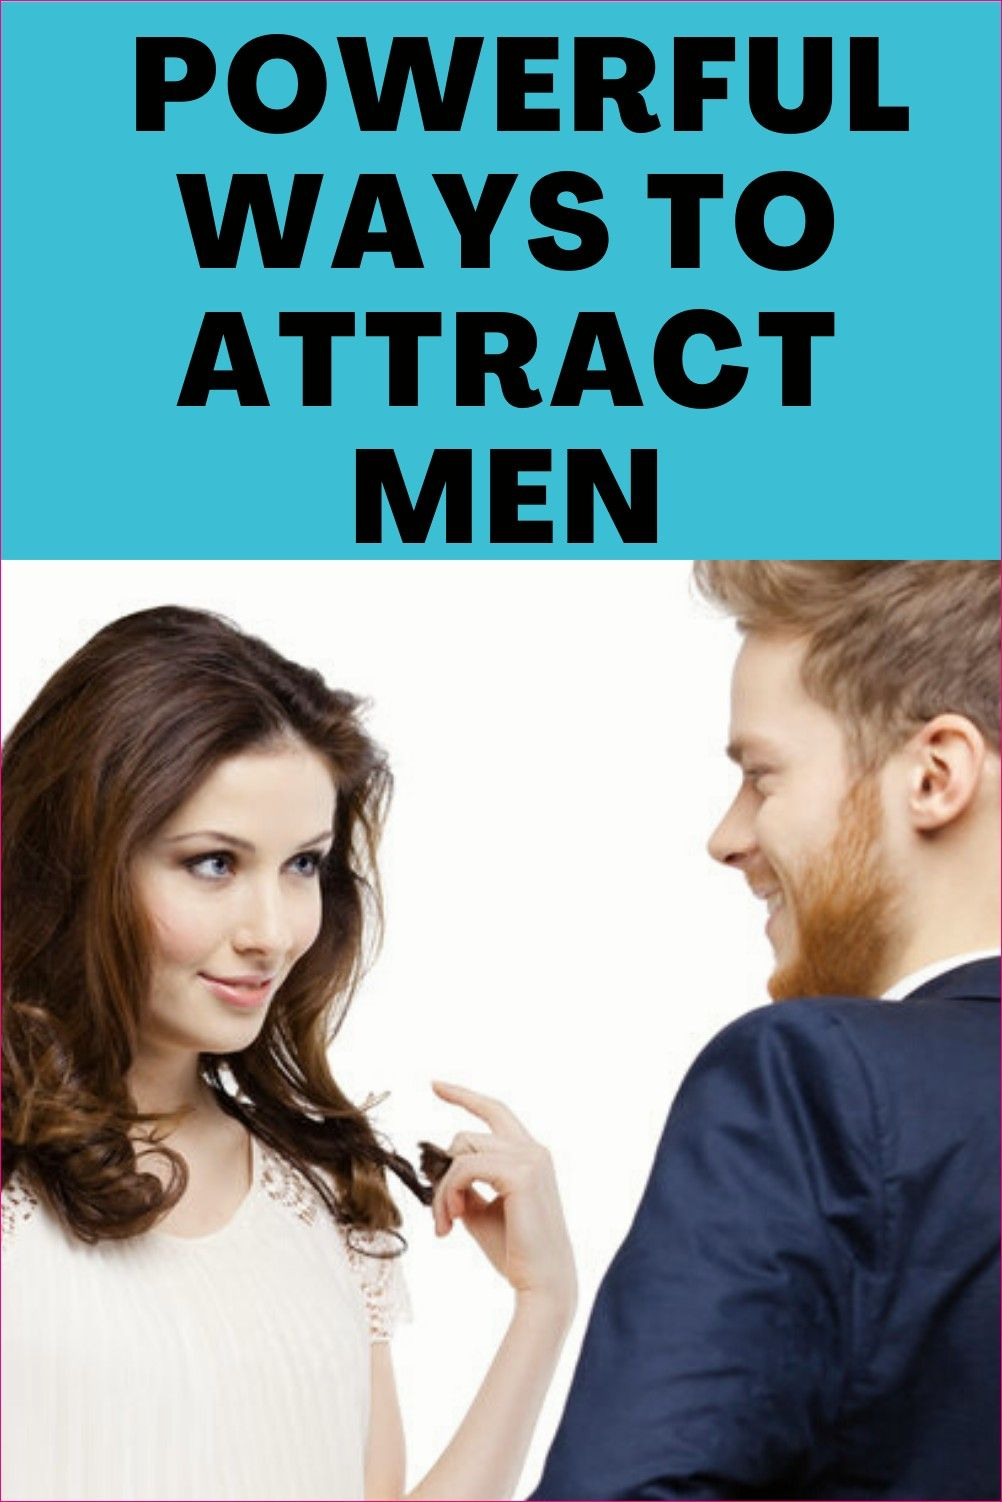 826890d29688af3ae07d7550b4c79fb9 - How To Get The Attention Of An Older Man